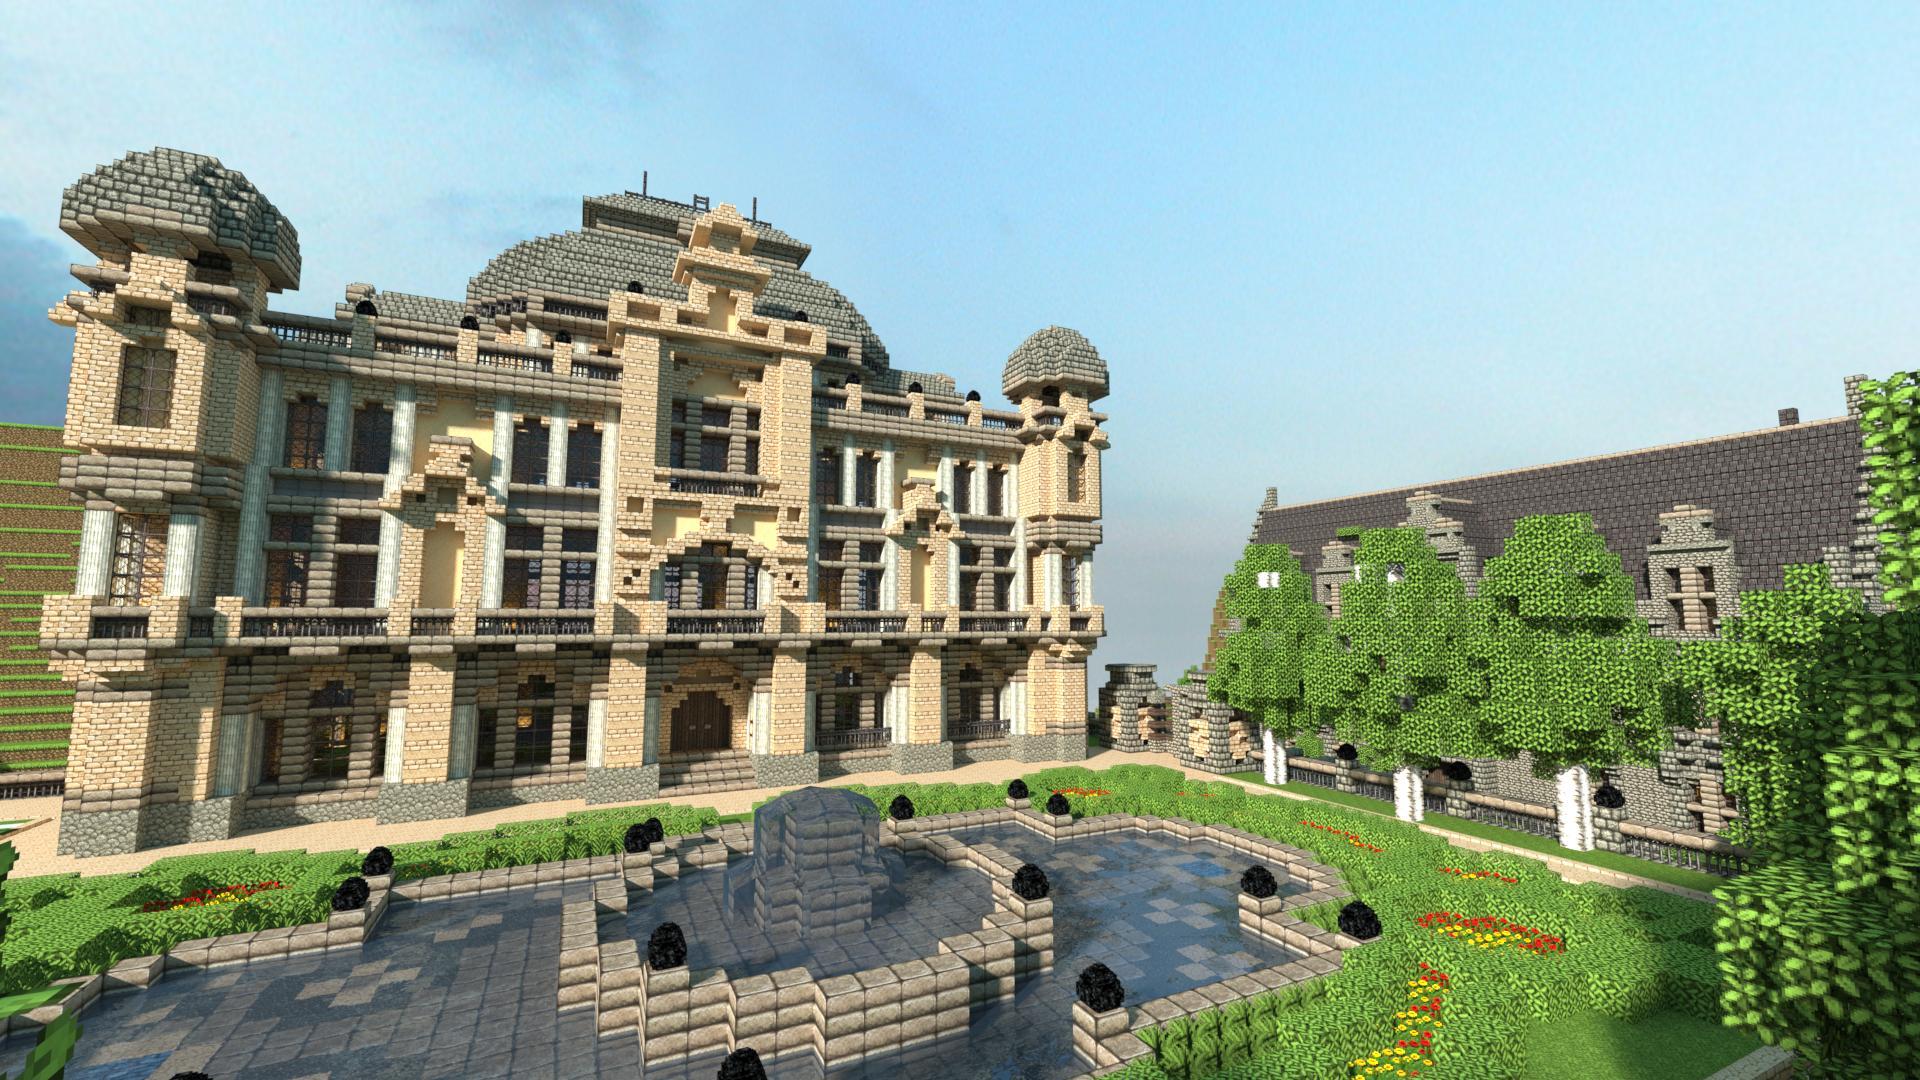 Altsen-upon-Brine-minecraft-town-3